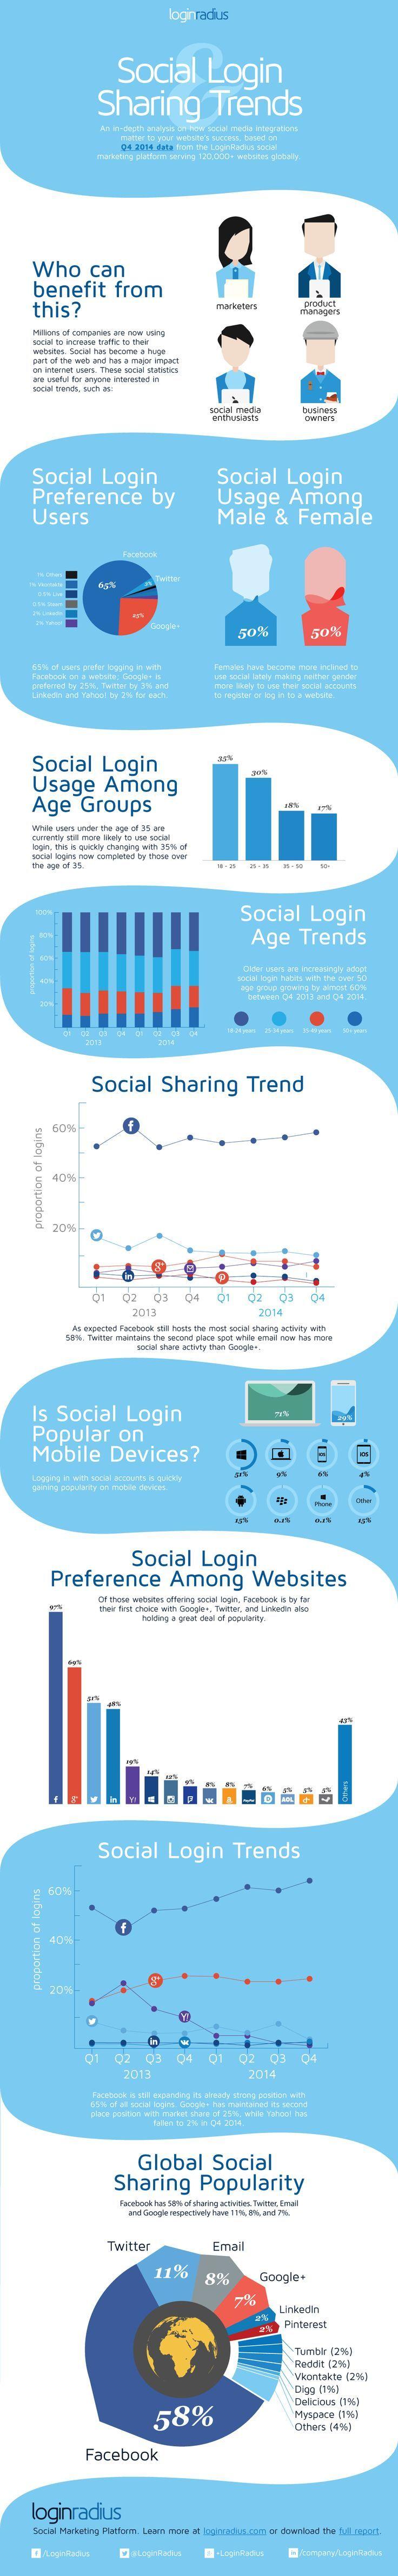 Social Login Sharing Trends Q4 2014 Marketing digital